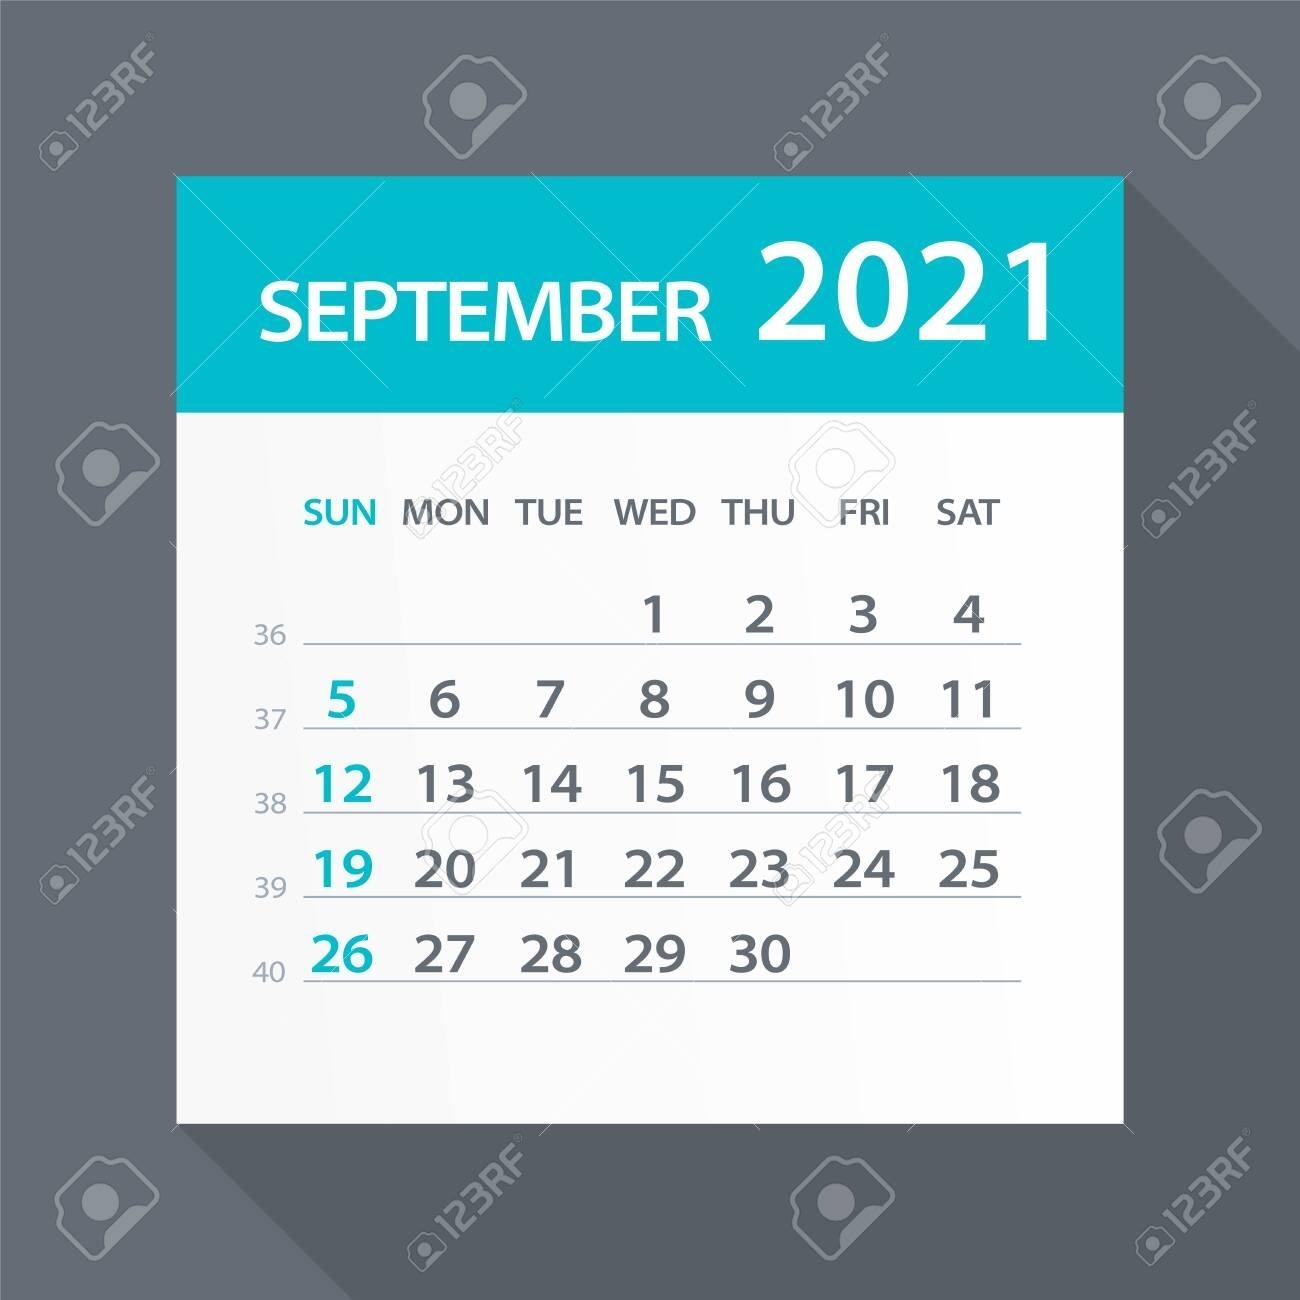 Take September 13 2021 Clipart